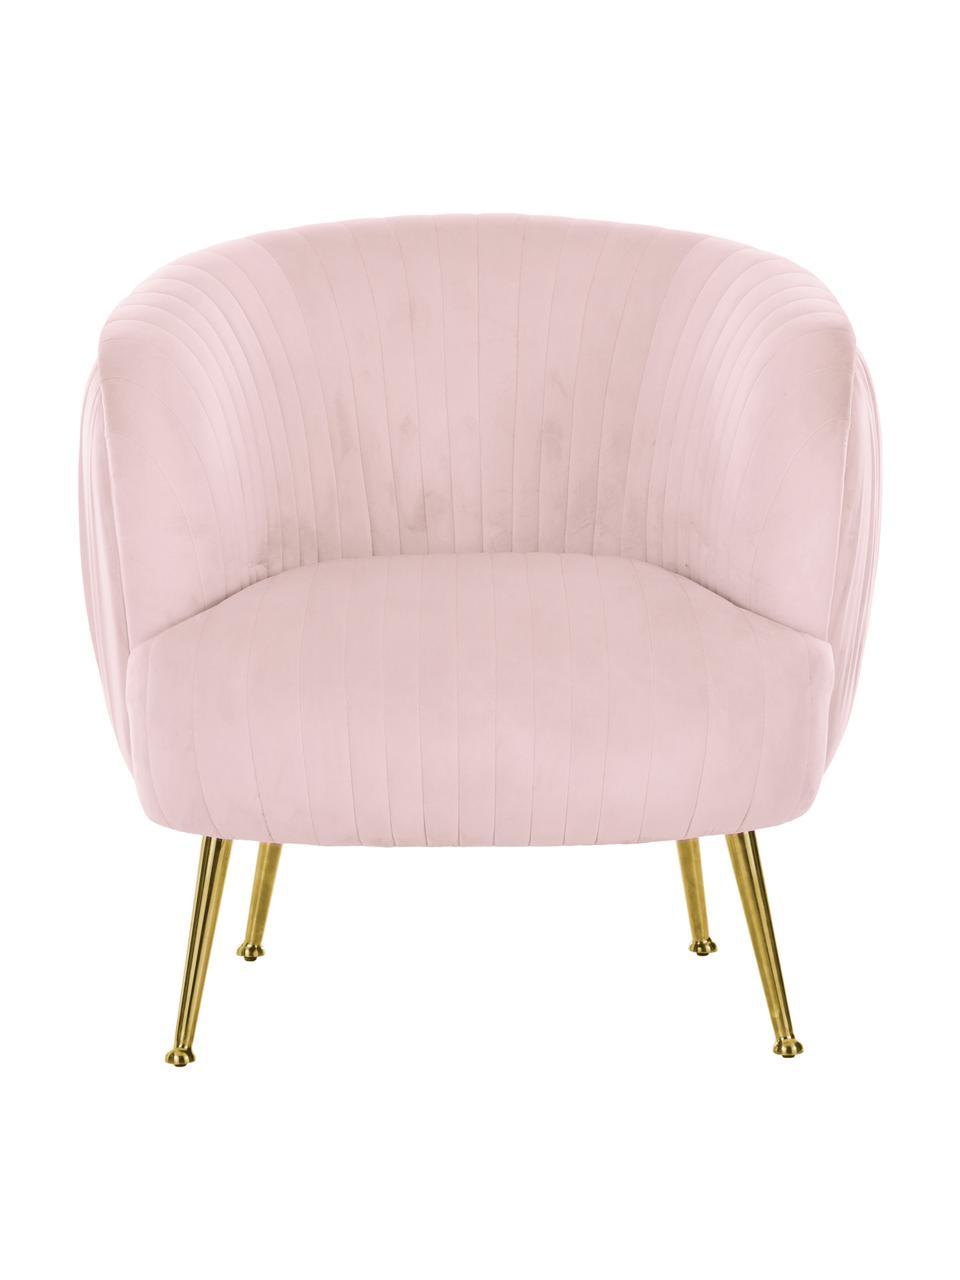 Fauteuil cocktail en veloursrose pastel Cara, Velours rose pastel